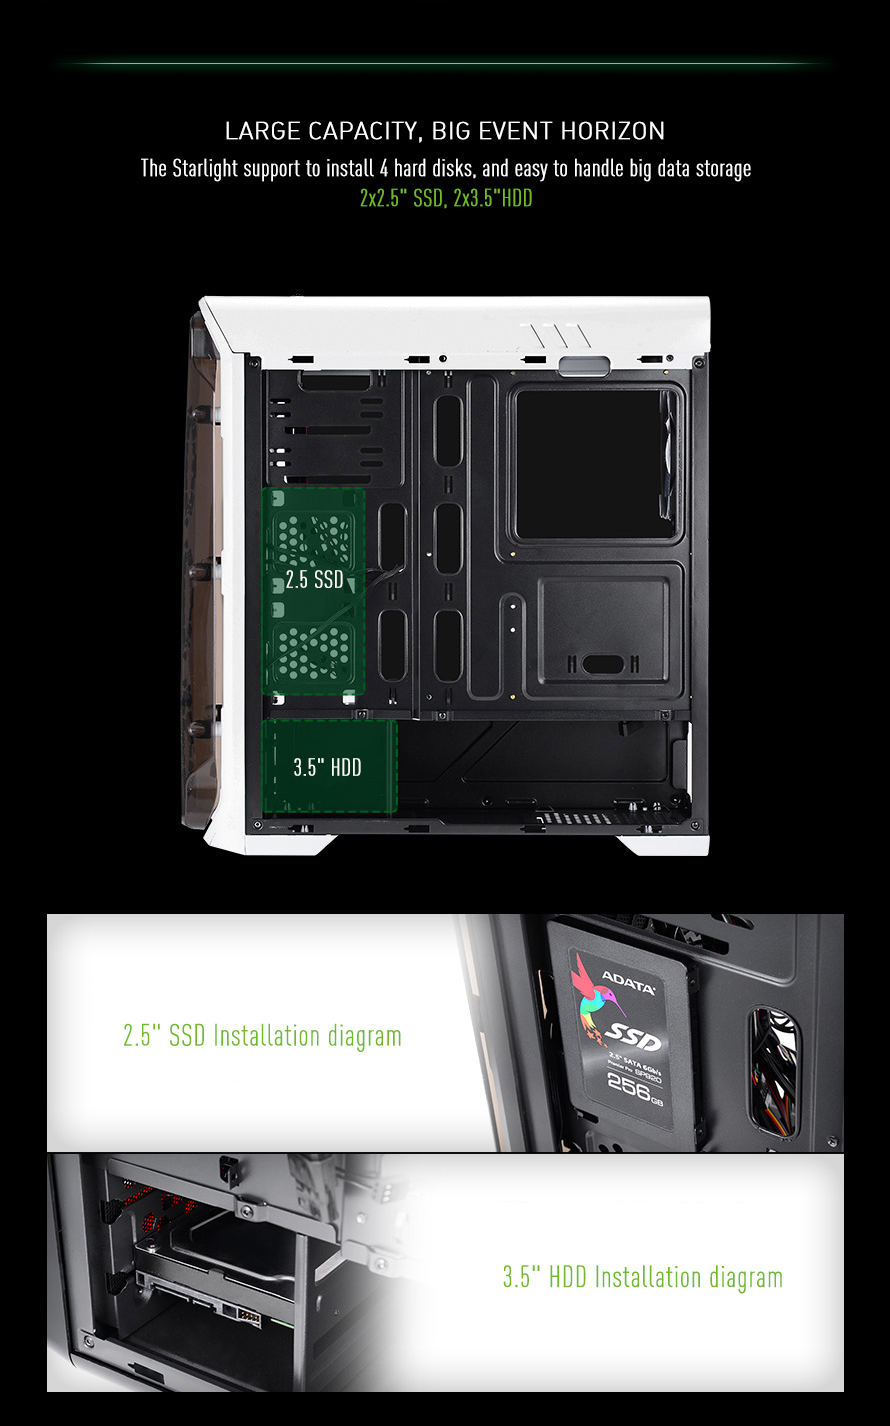 9509-白色 绿色LED灯详情页英文_07.jpg